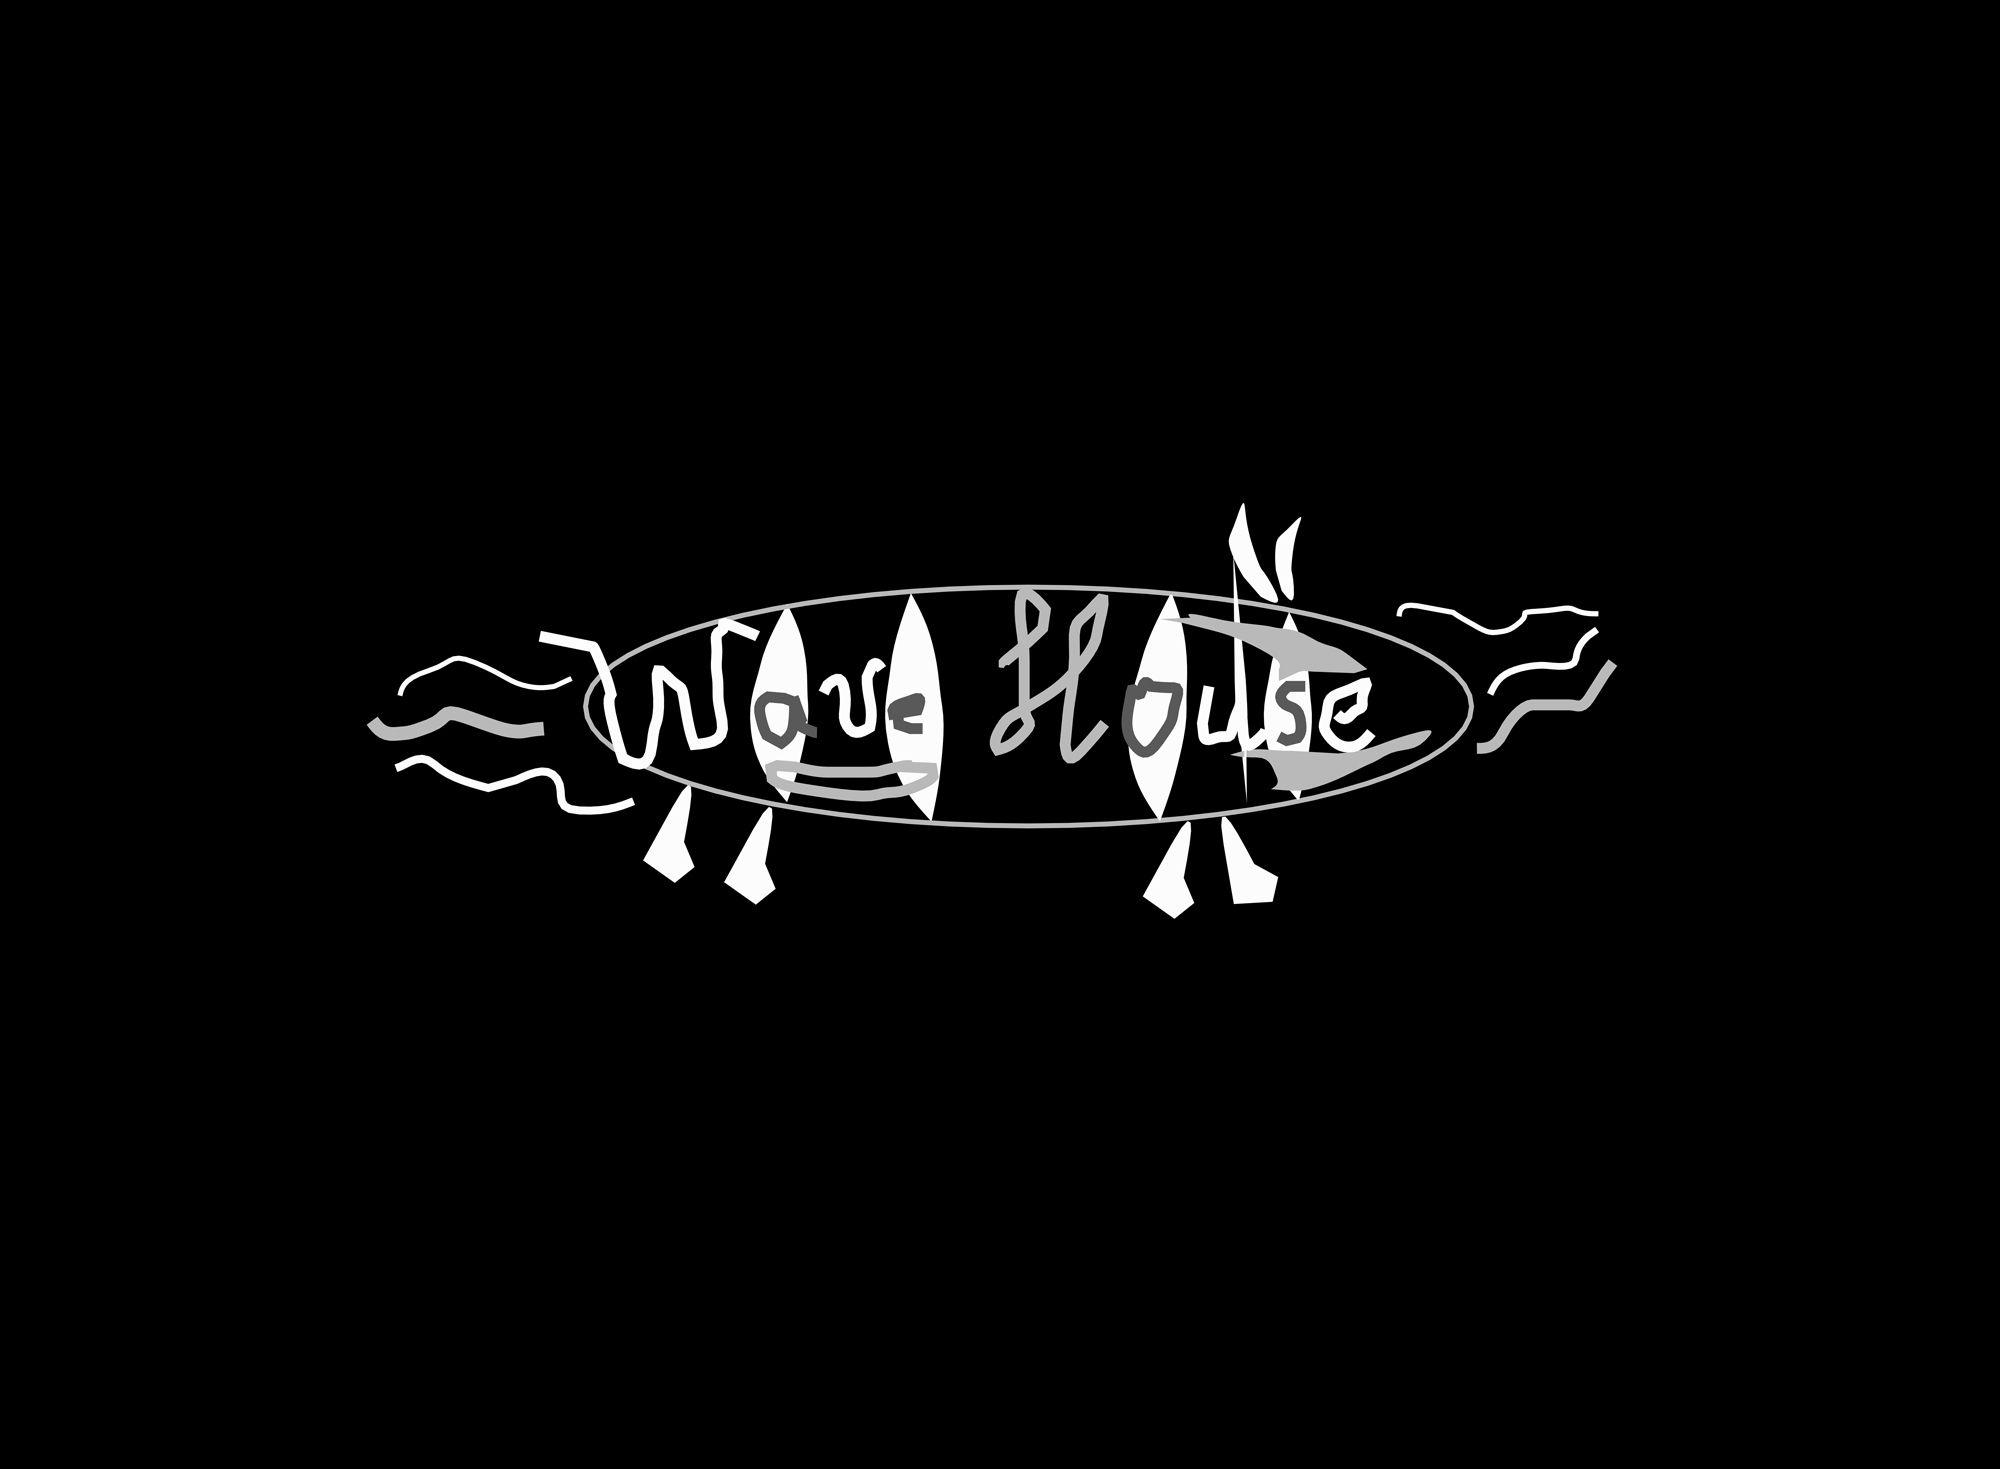 Редизайн логотипа для серф-кэмпа на Бали - дизайнер olhen_vol